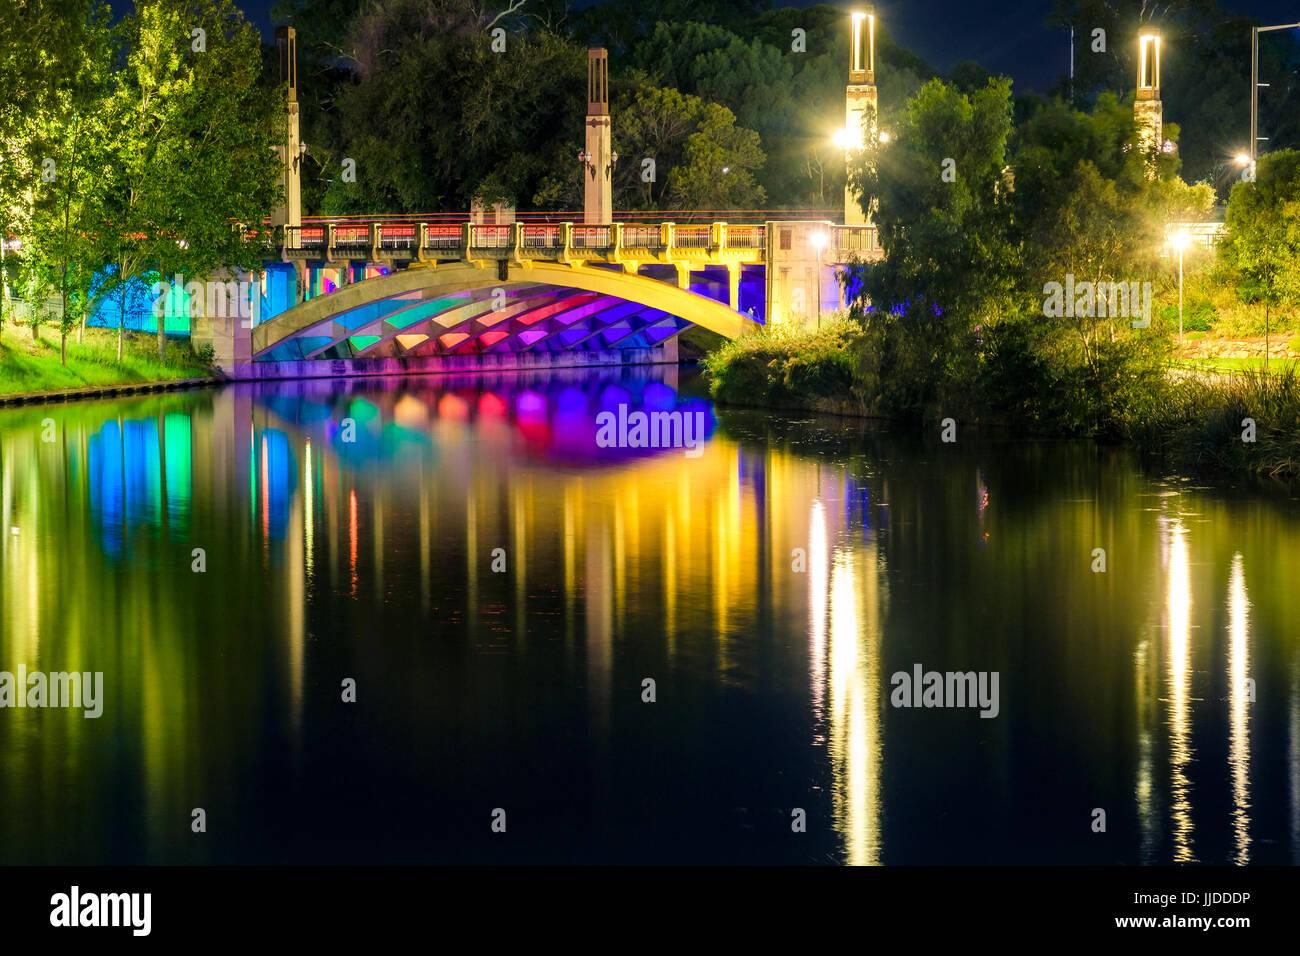 King William Brücke Beleuchtung in Adelaide City bei Nacht Stockbild